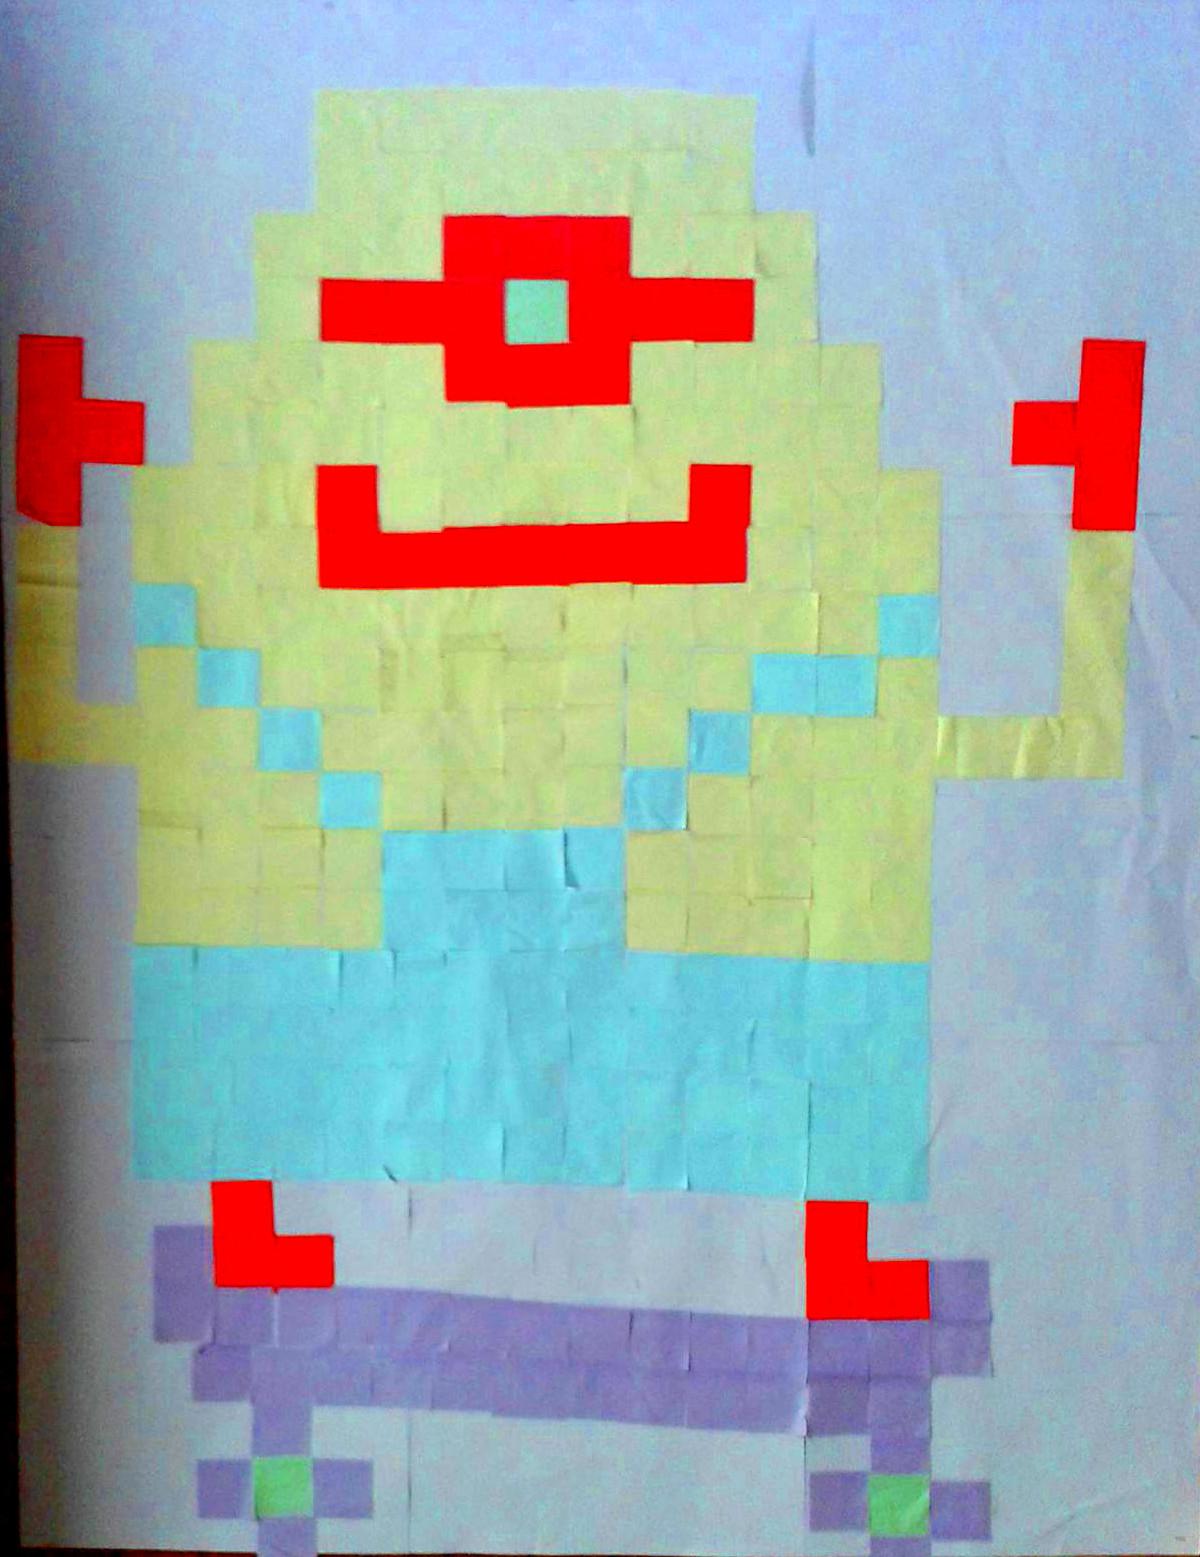 minion-pixel-art